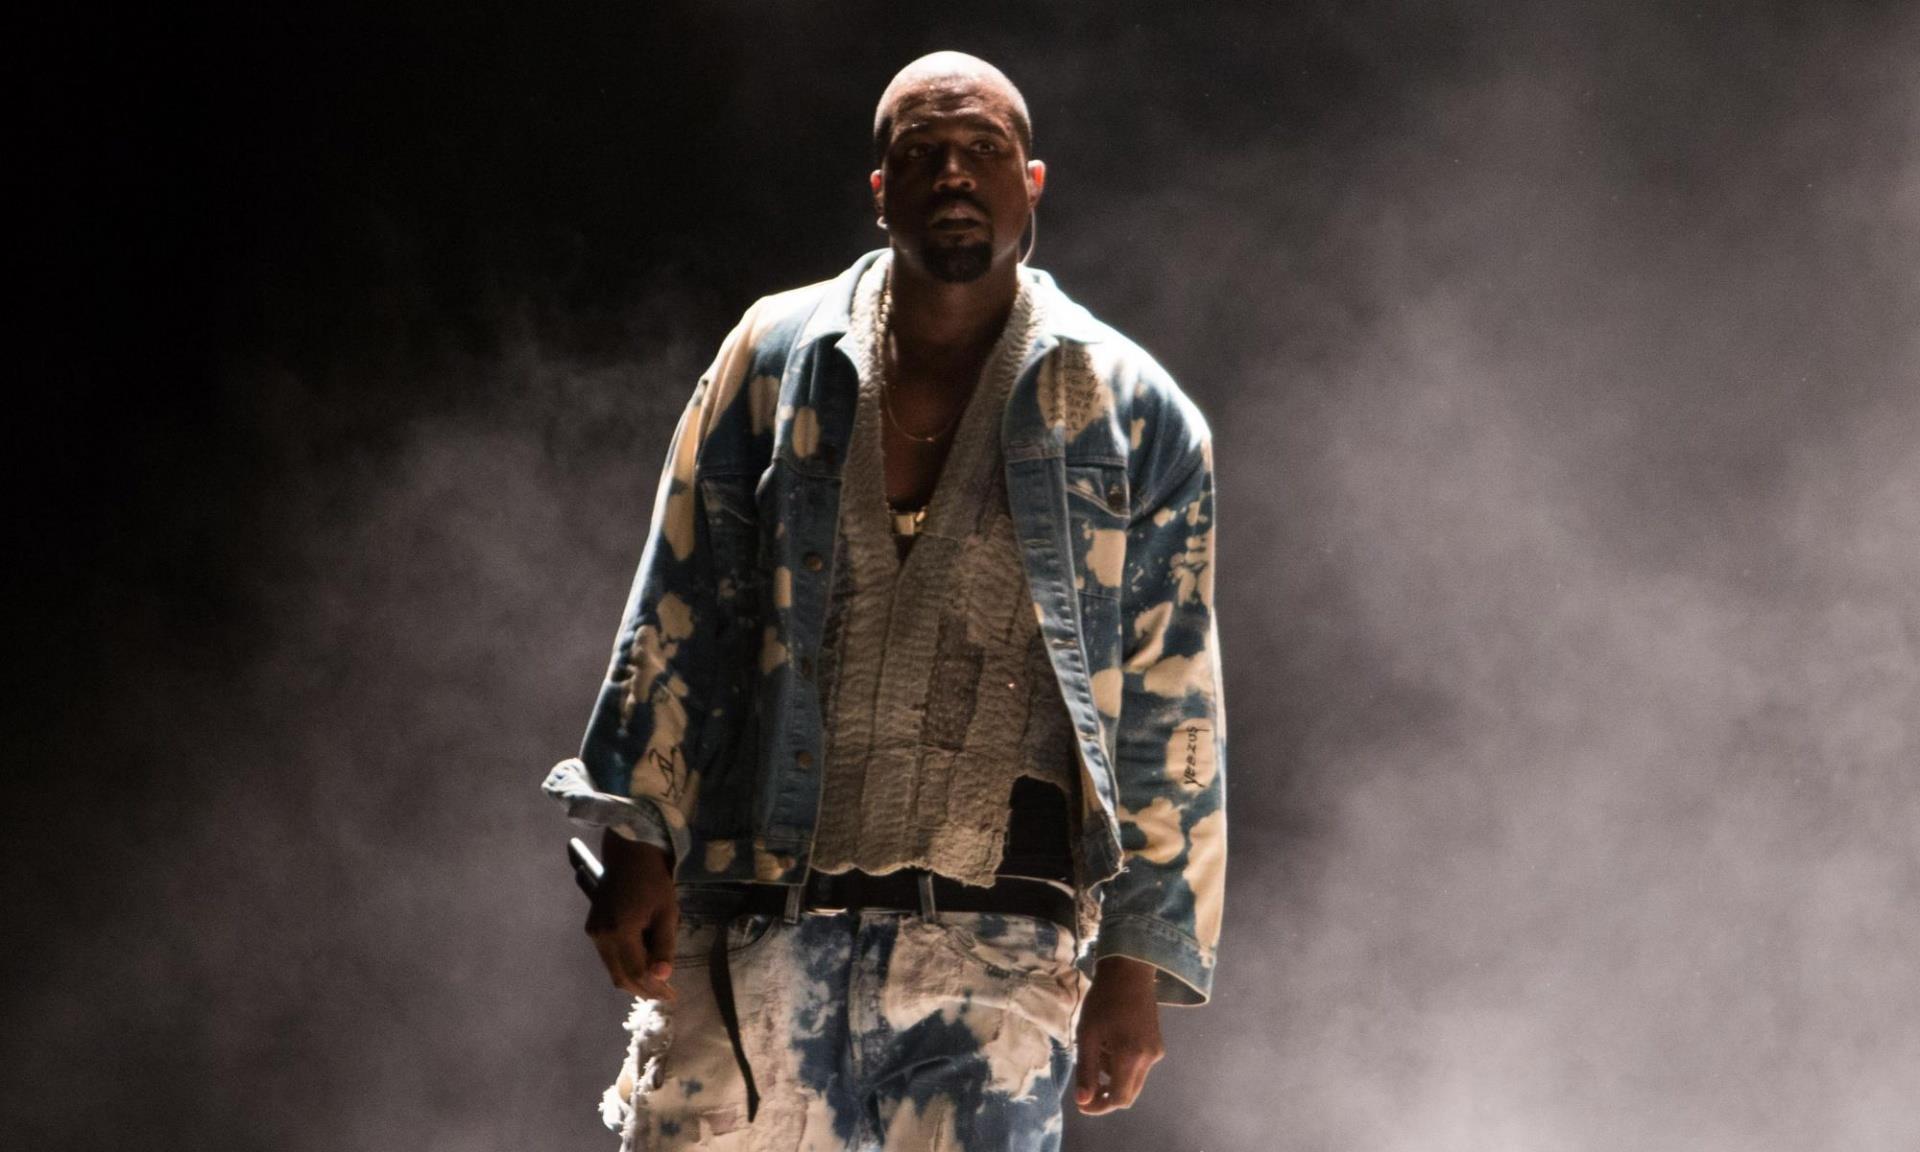 Kanye West a Glastonbury